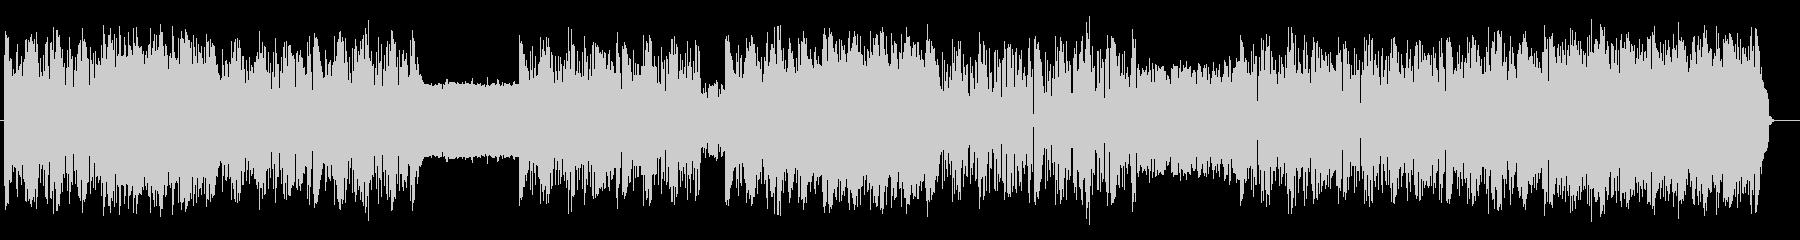 様々な音が耳に楽しい躍動感あるテクノの未再生の波形